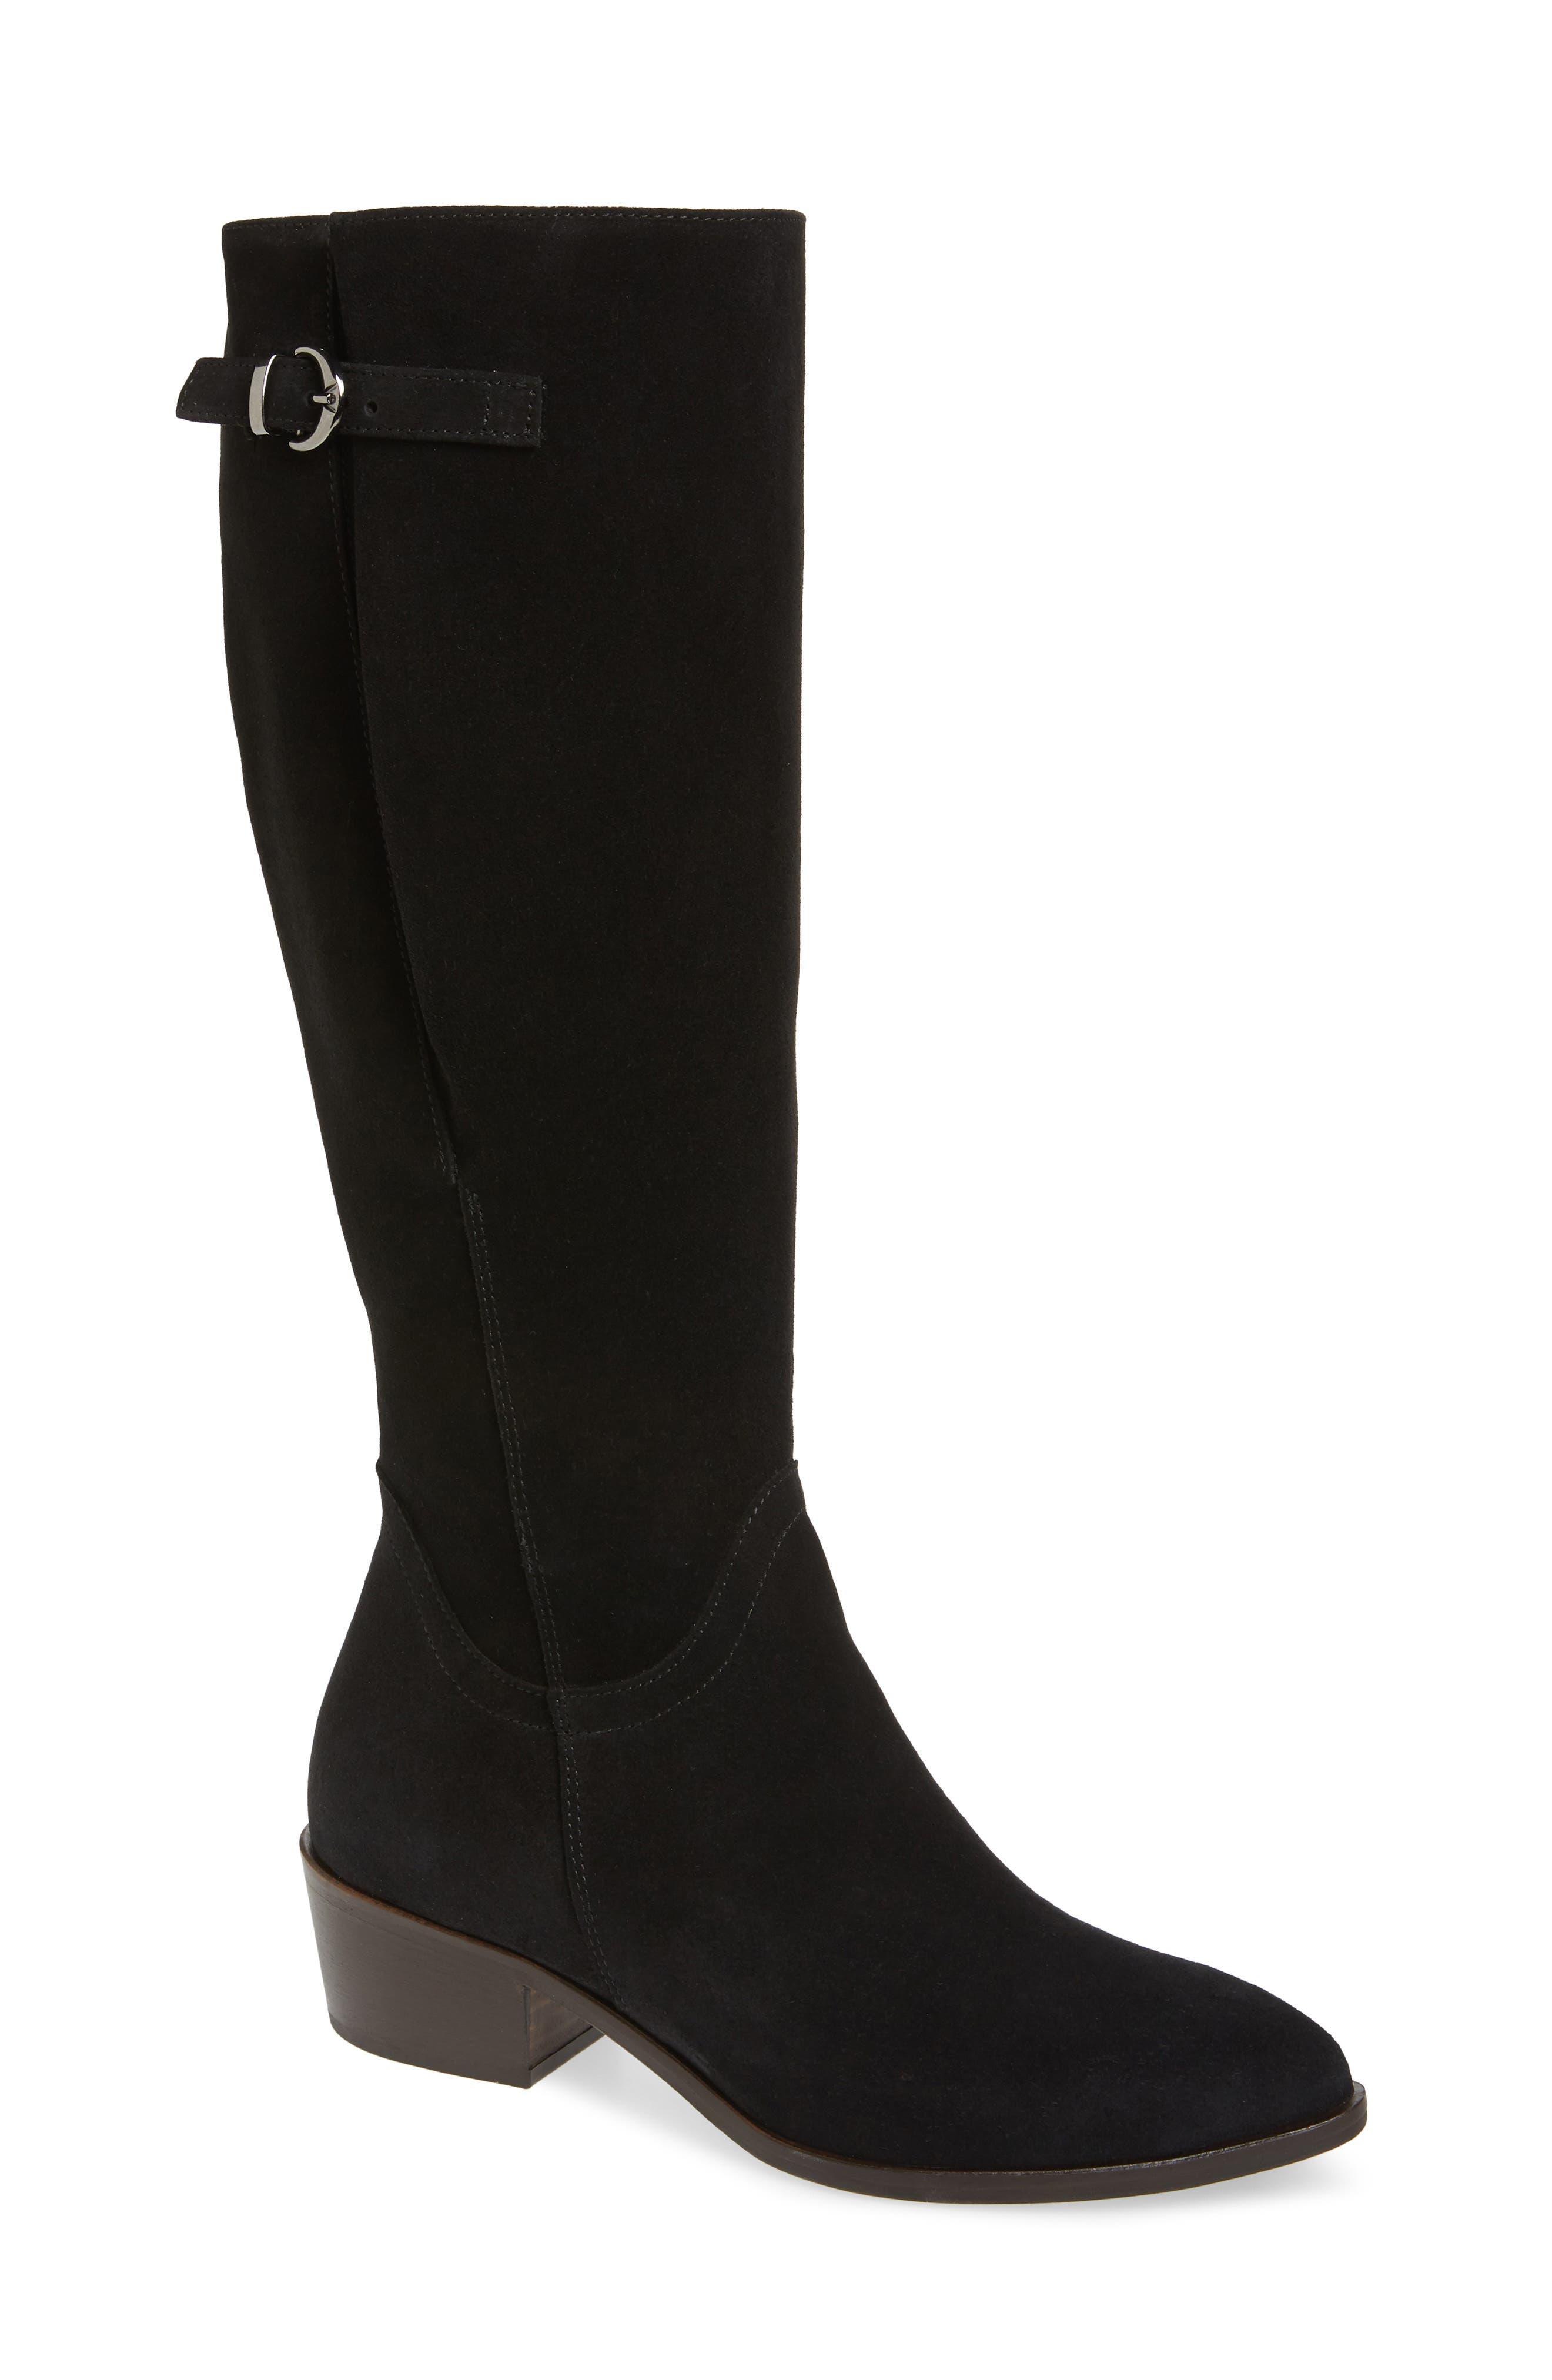 Italeau Tosca Waterproof Knee High Boot - Black